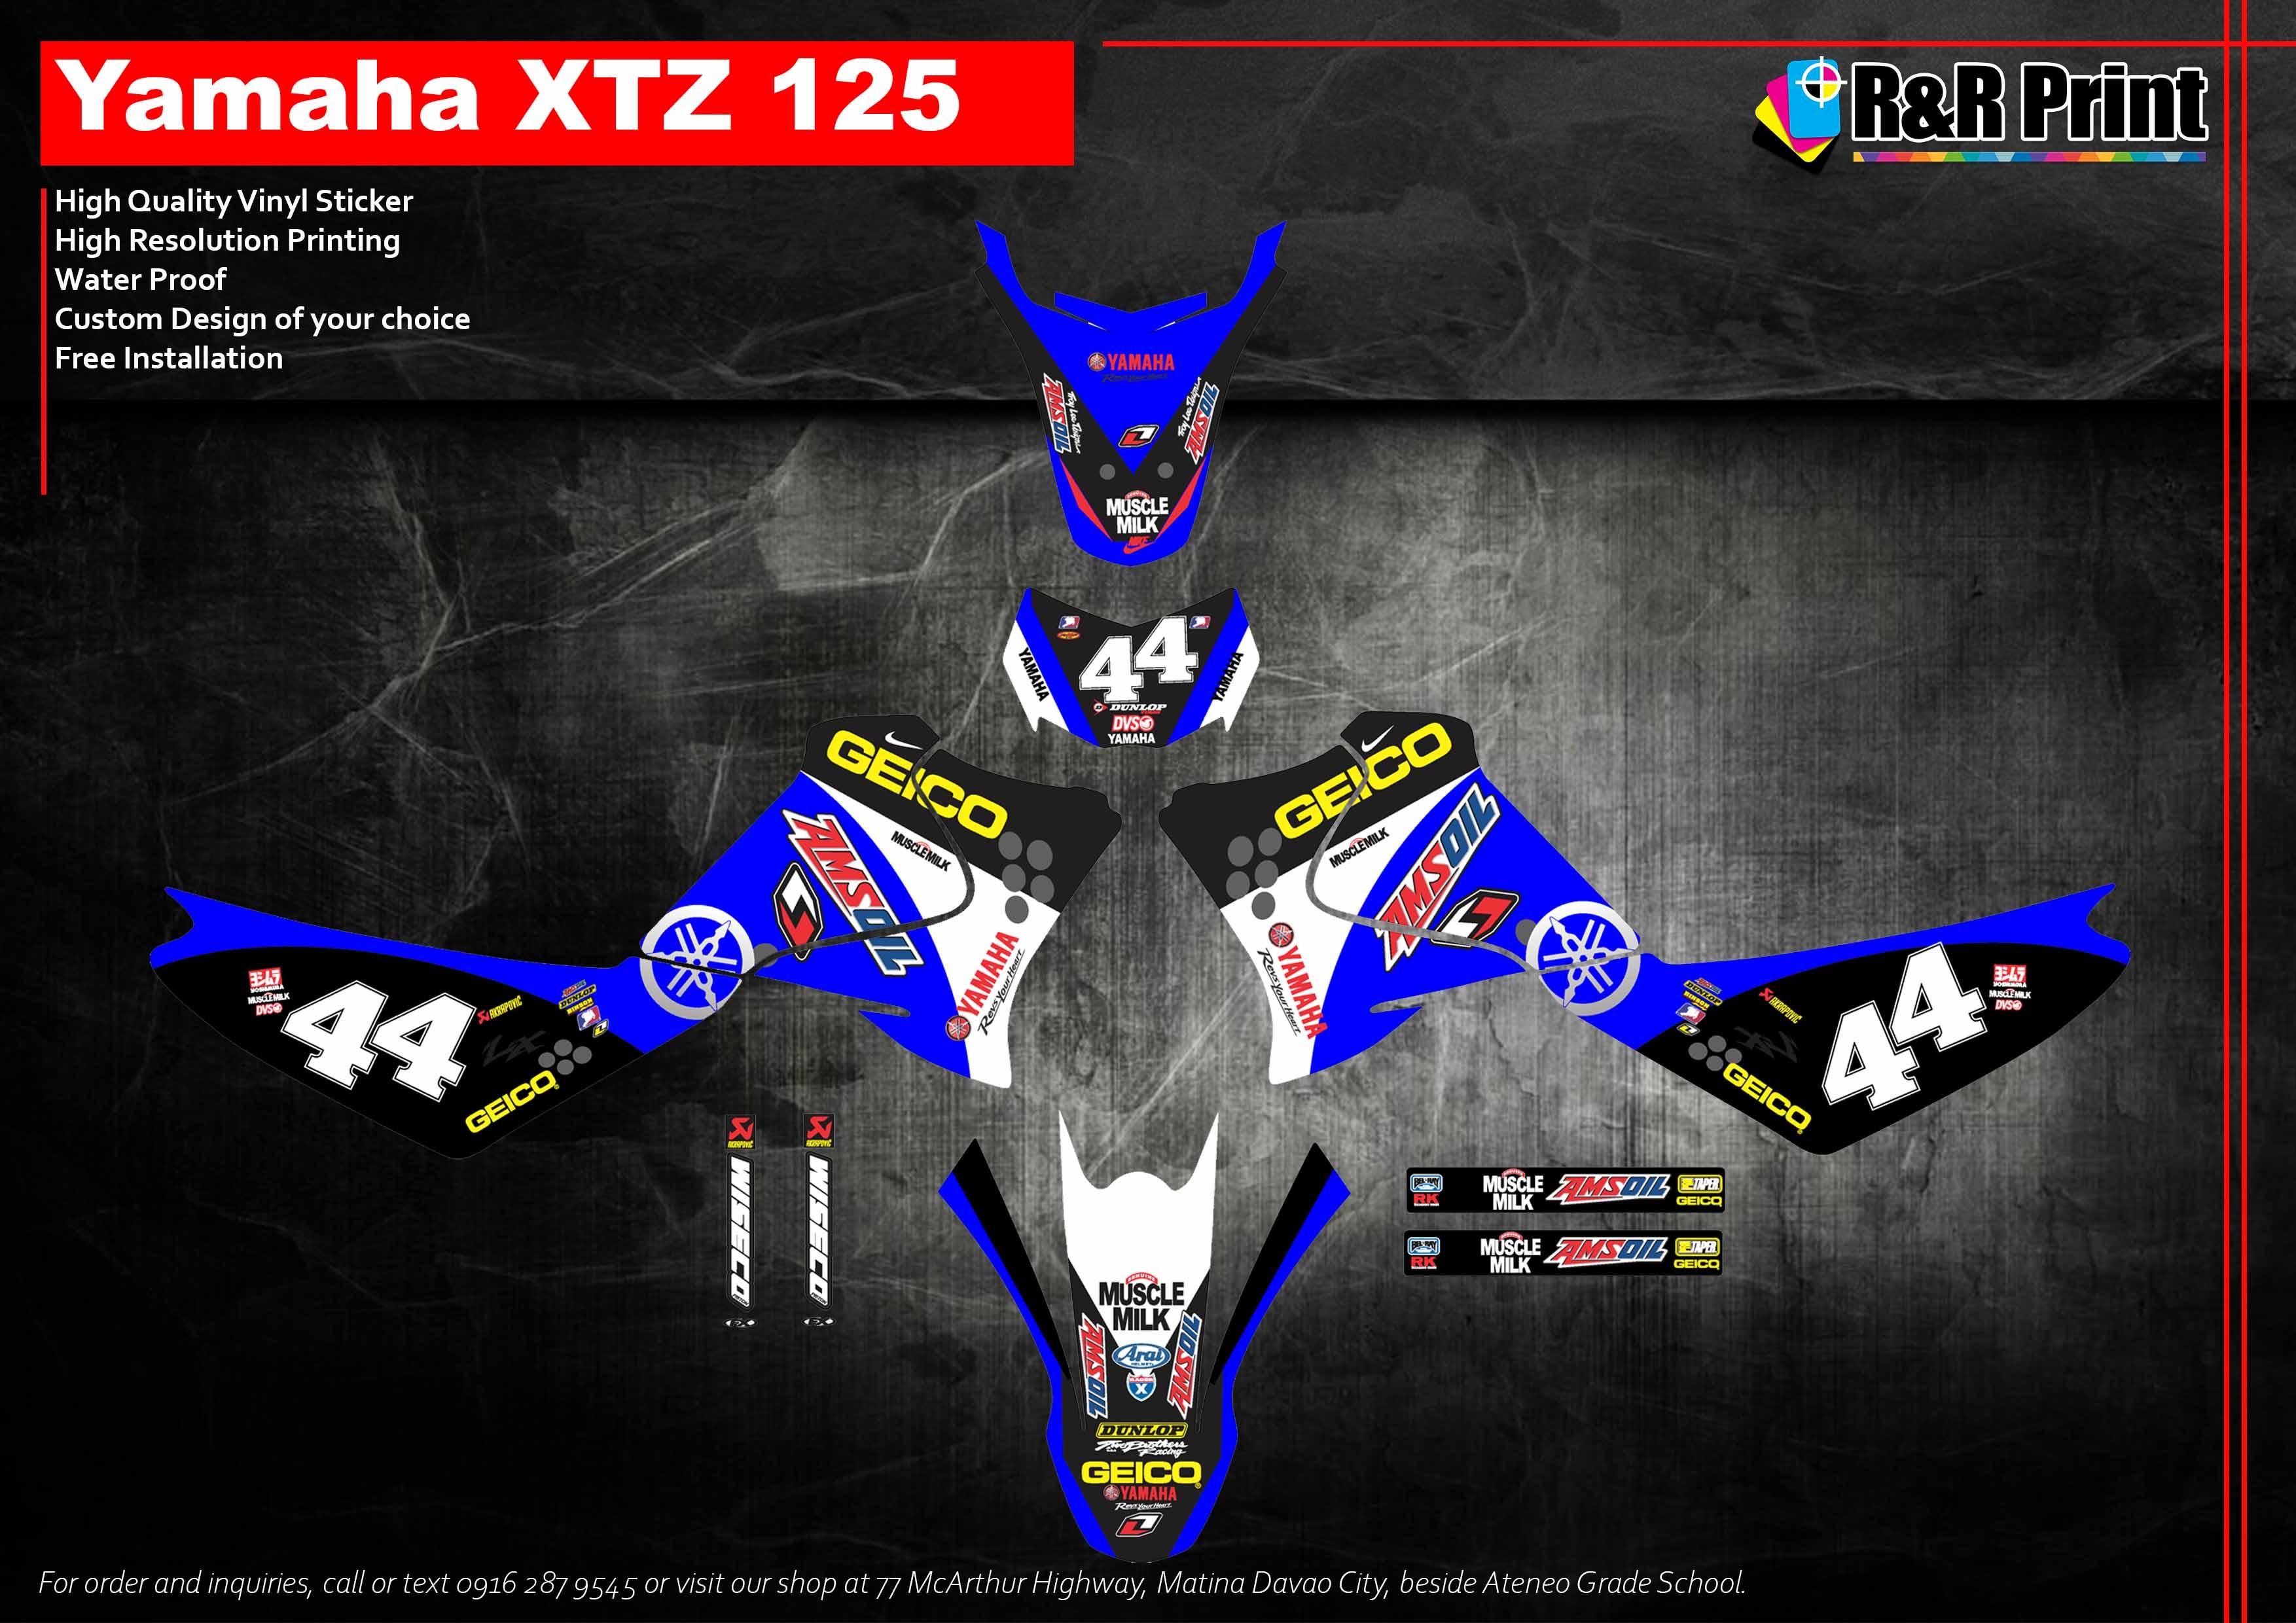 Yamaha xtz 125 decals sticker